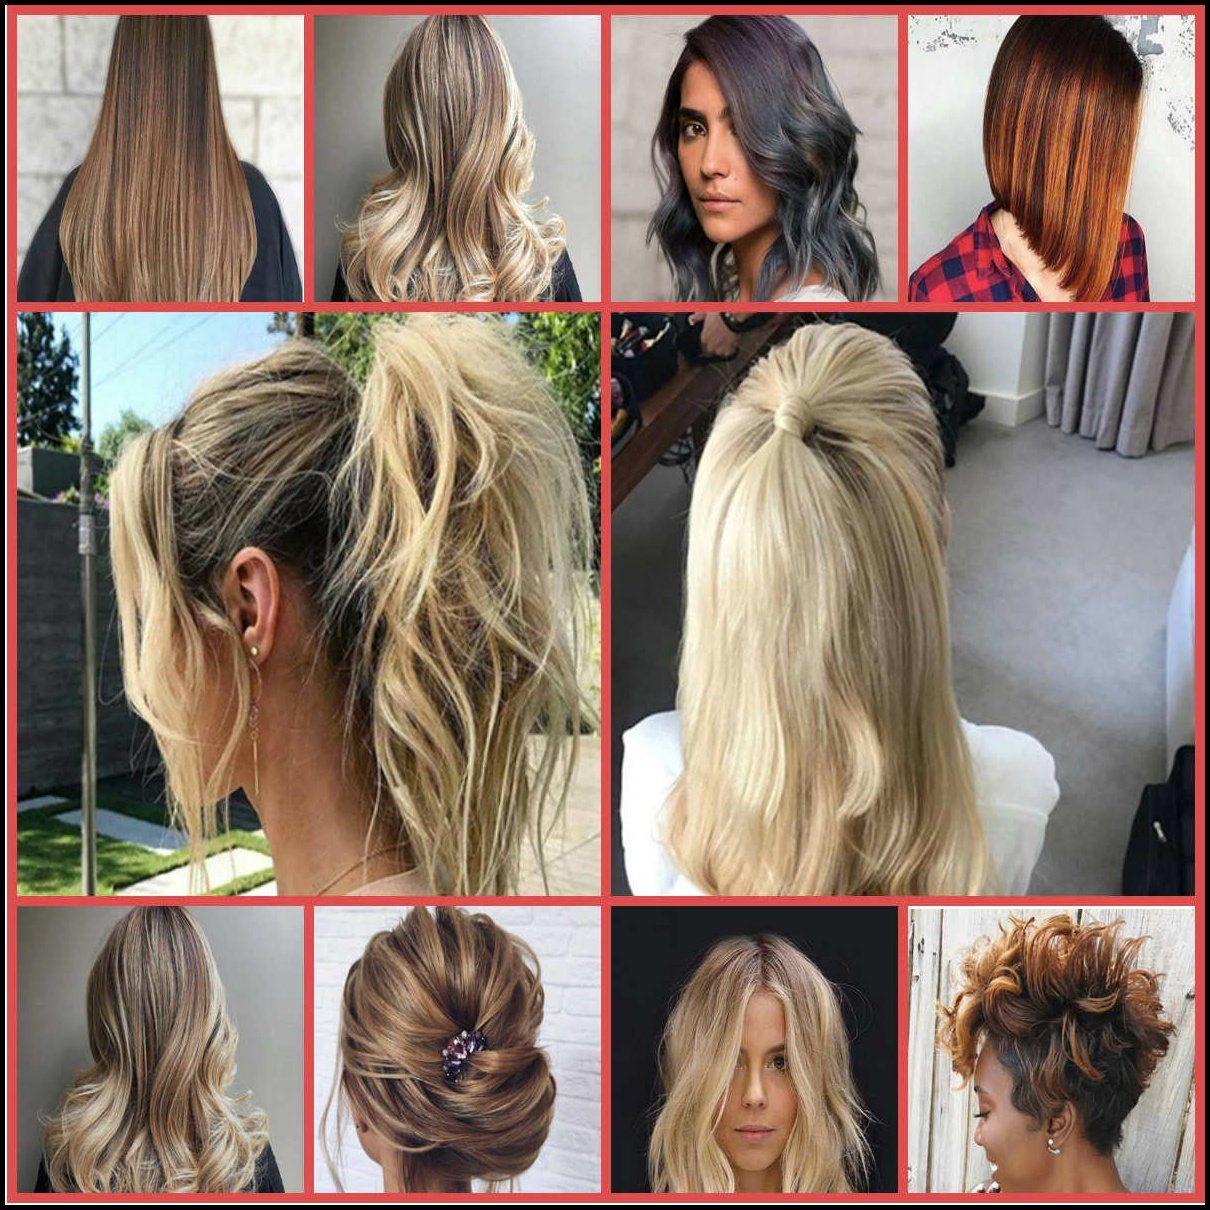 Trendigsten Frisuren und Haarschnitte für dünne Haare im Jahr